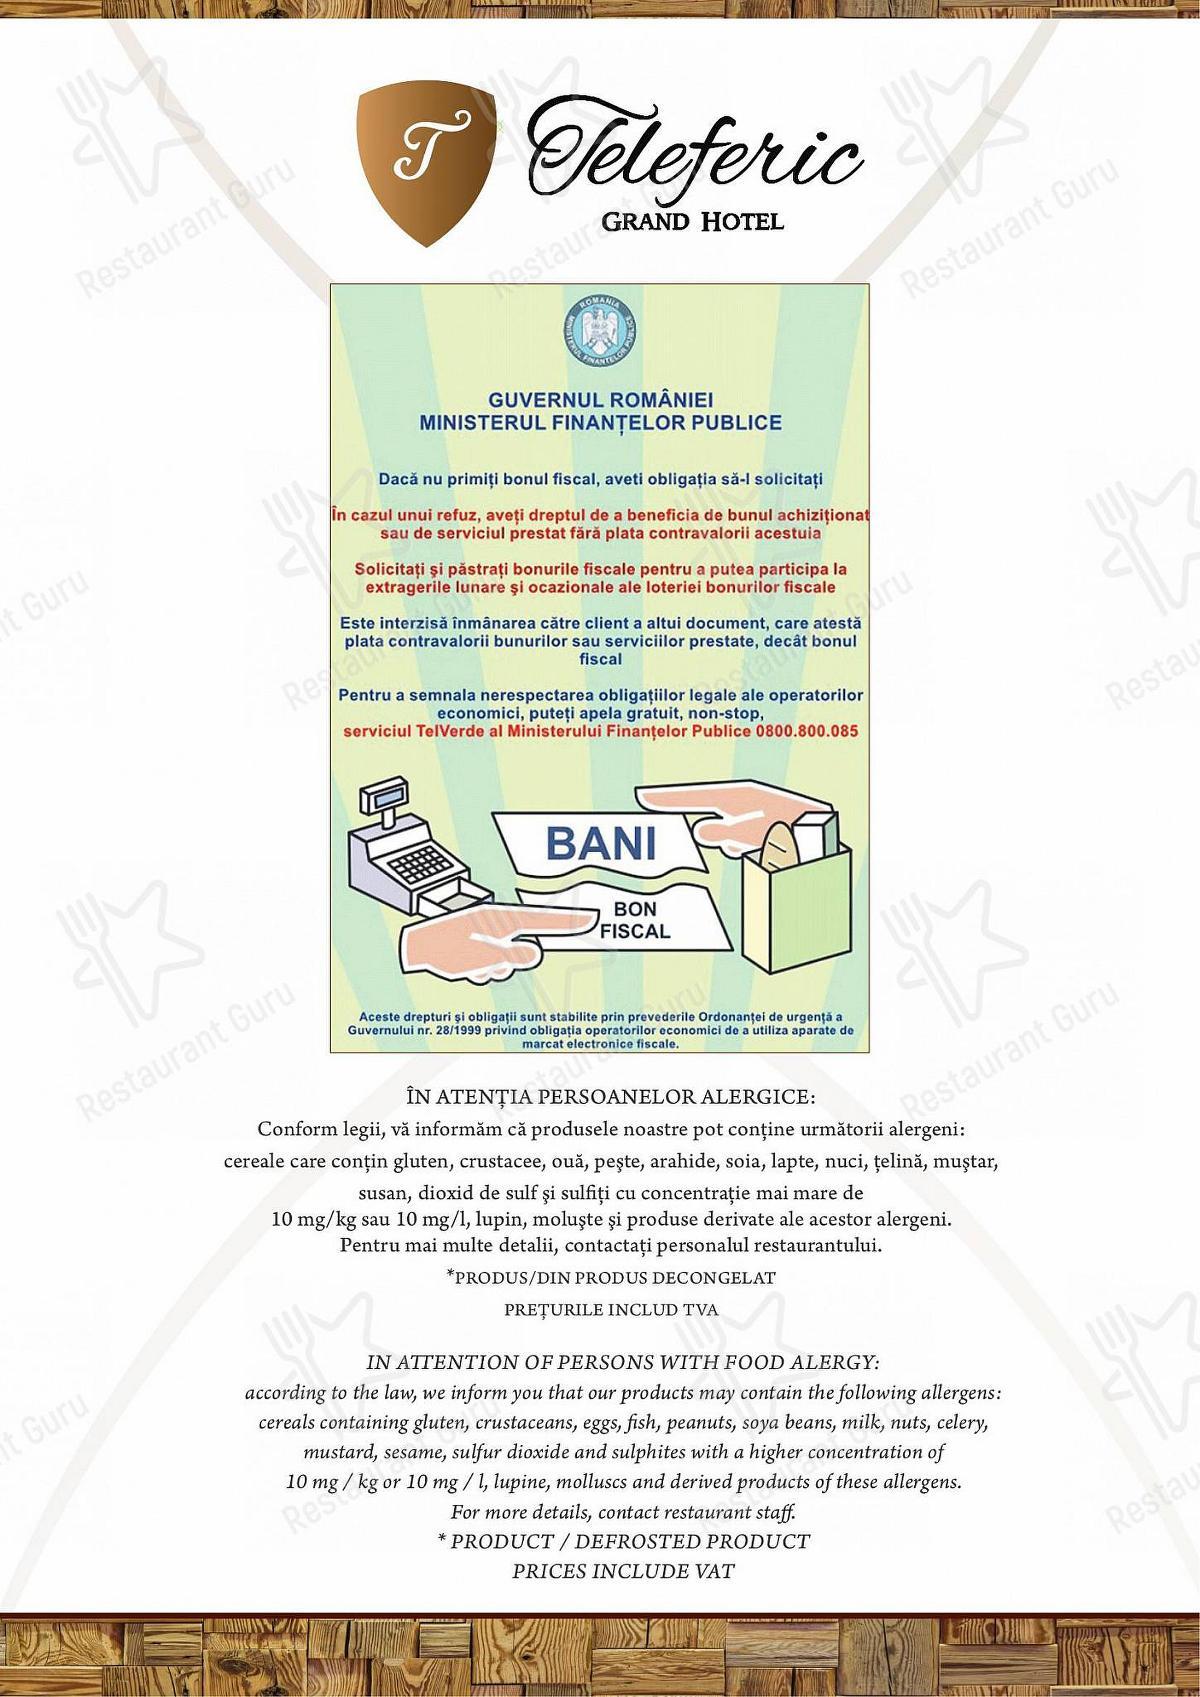 varicoză care este interzisă